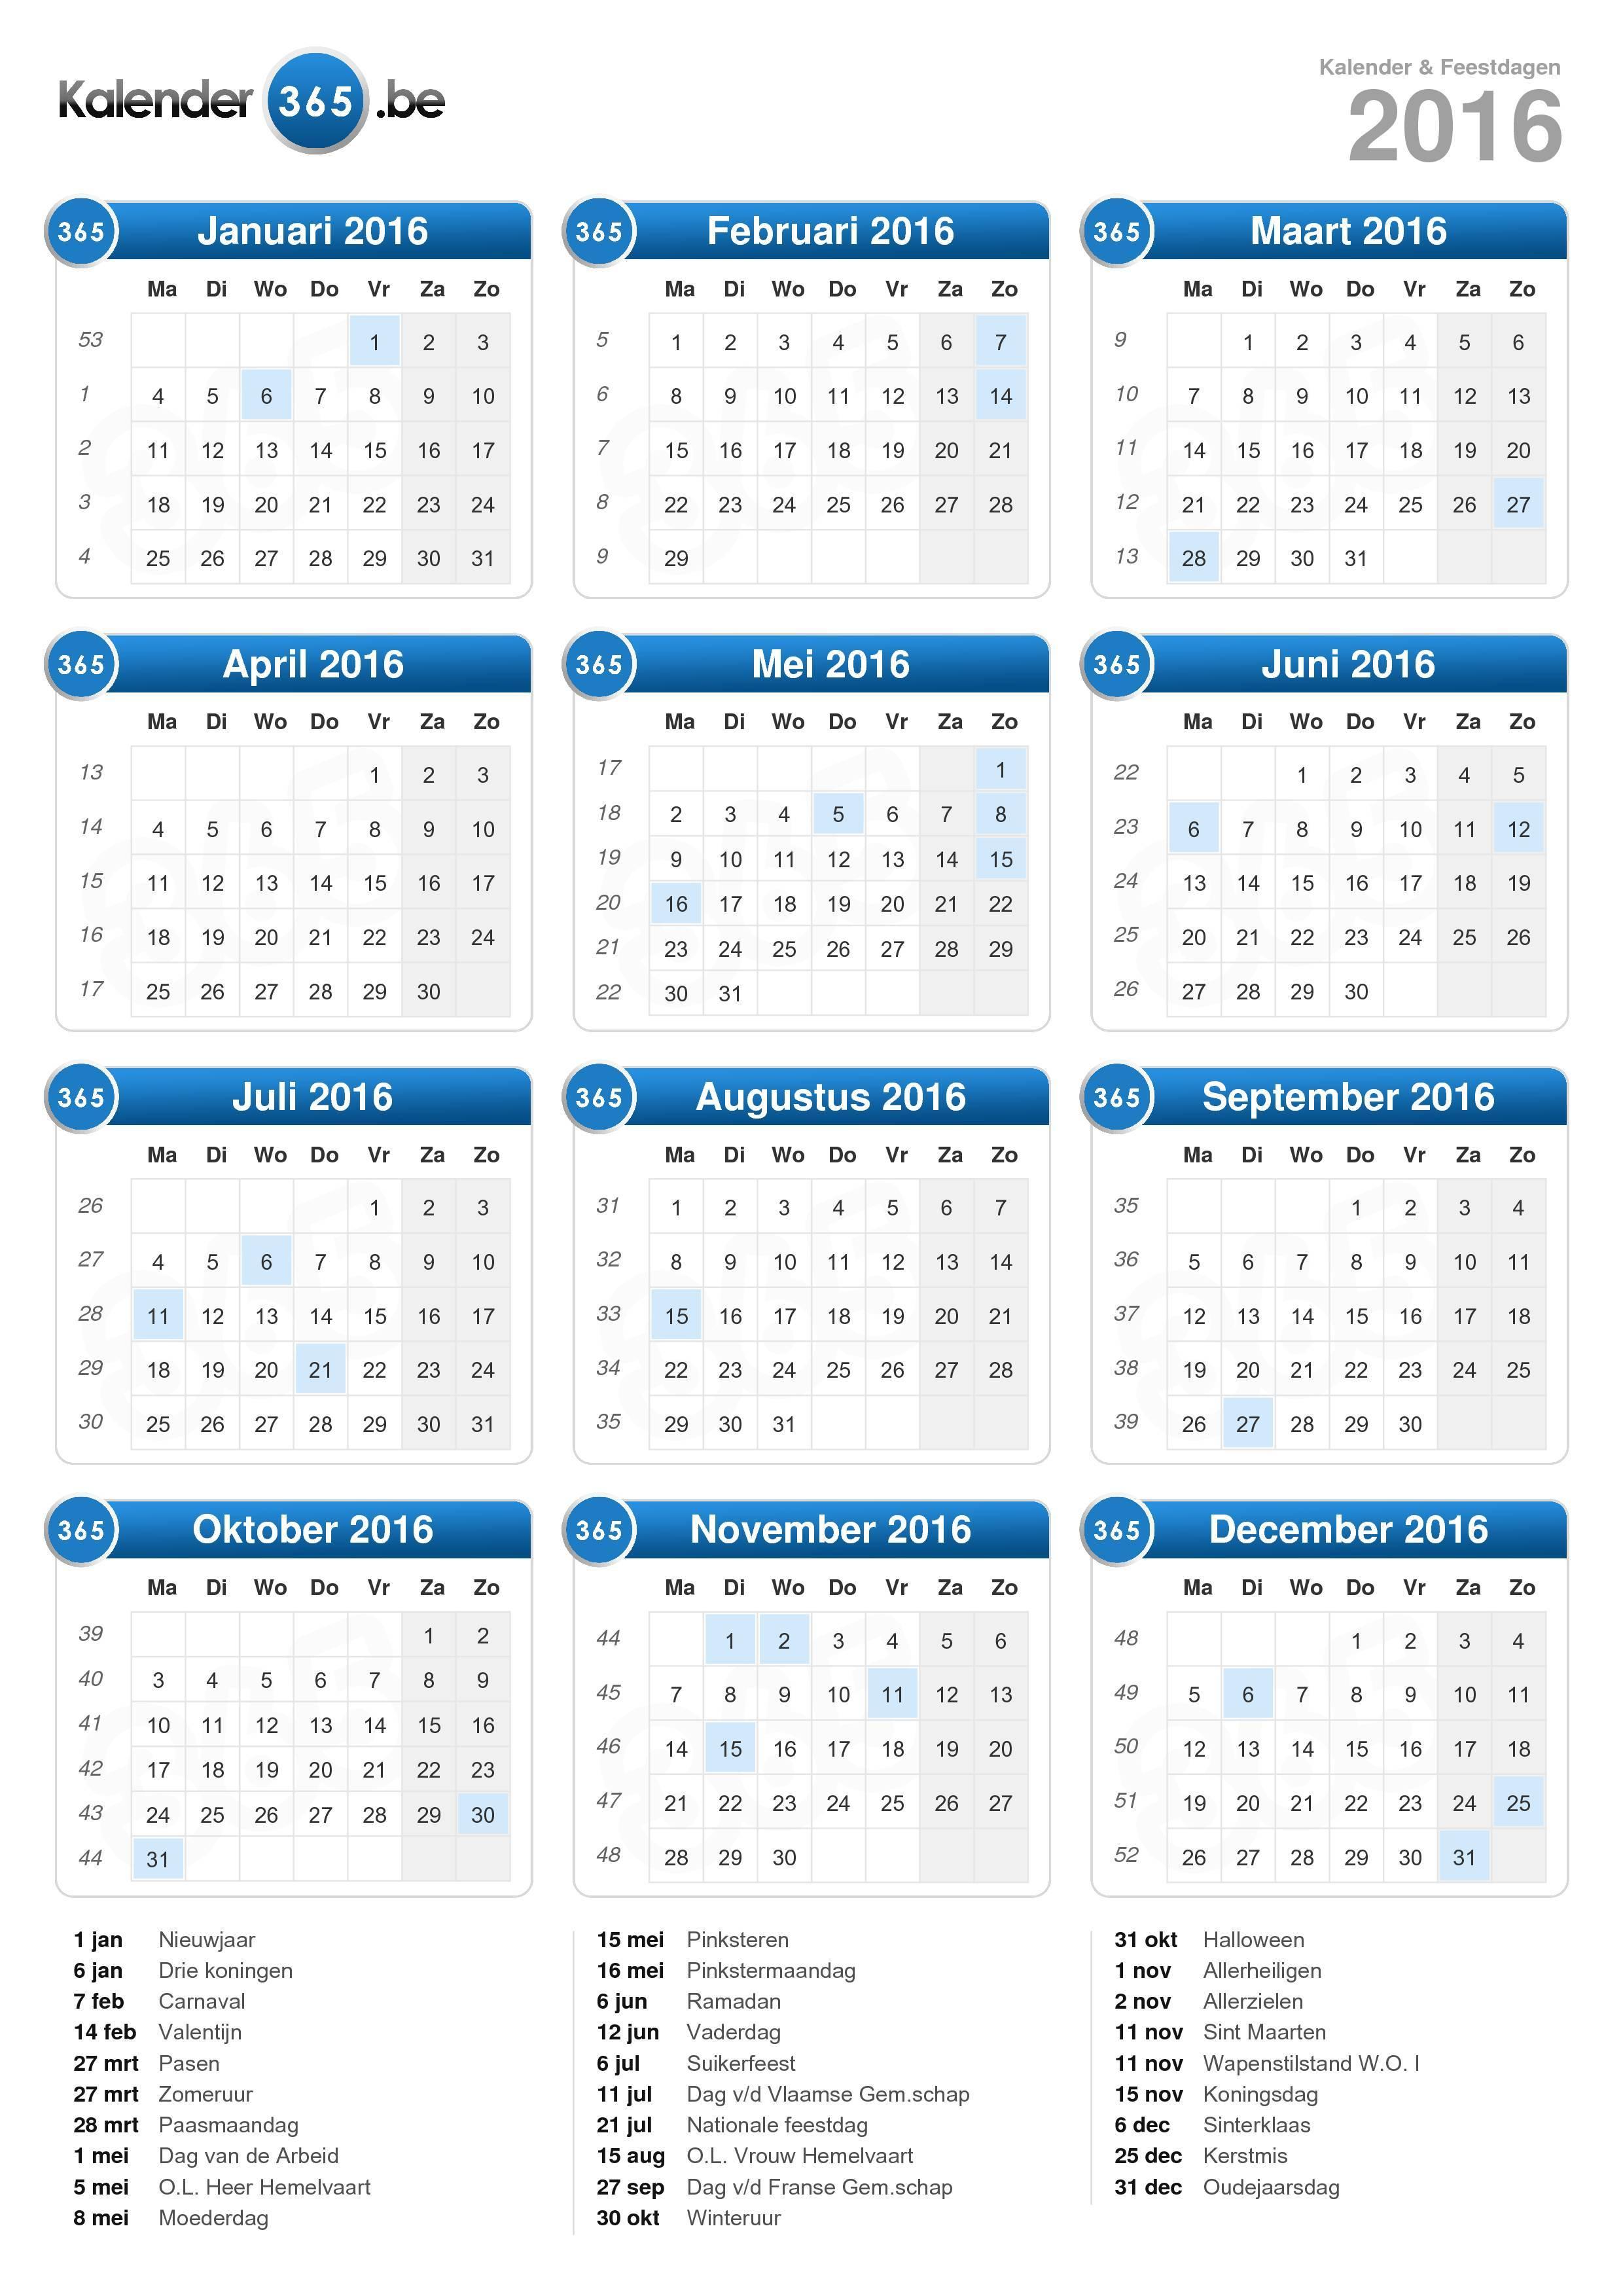 Kalender 2016 Zum Ausdrucken | Calendar Template 2016